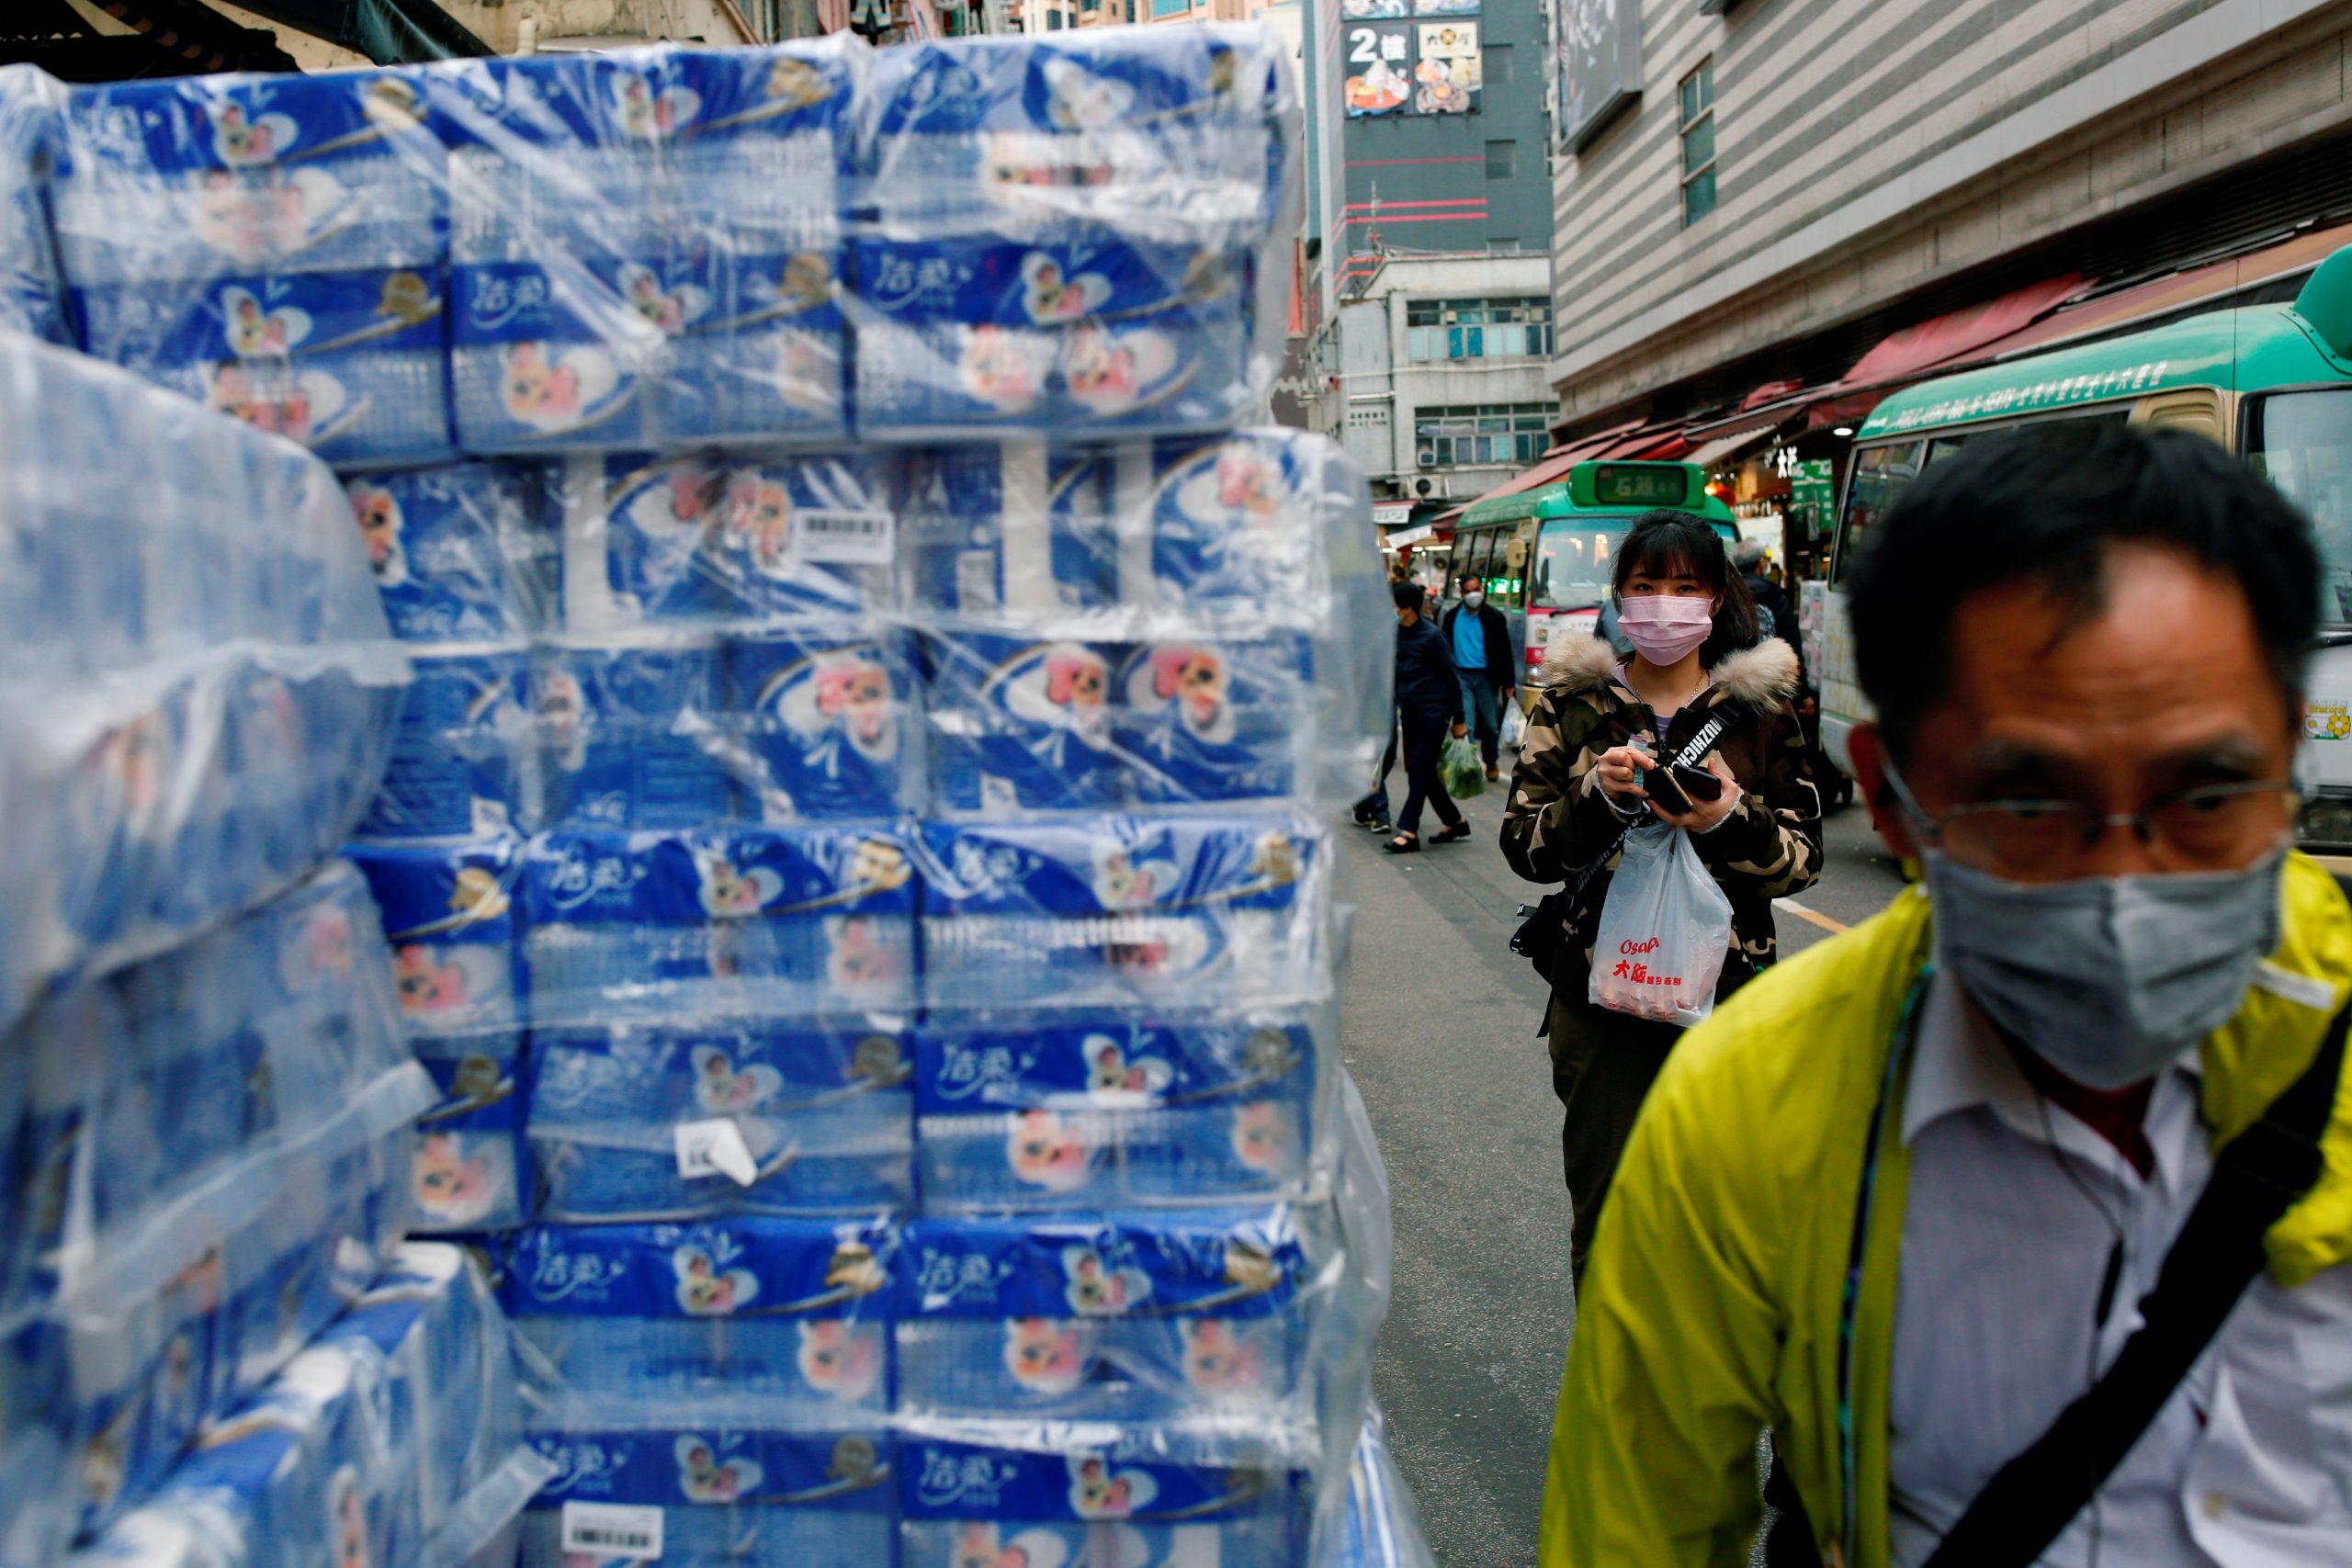 El robo del siglo: Sujetos se llevan 600 rollos de papel higiénico en Hong Kong